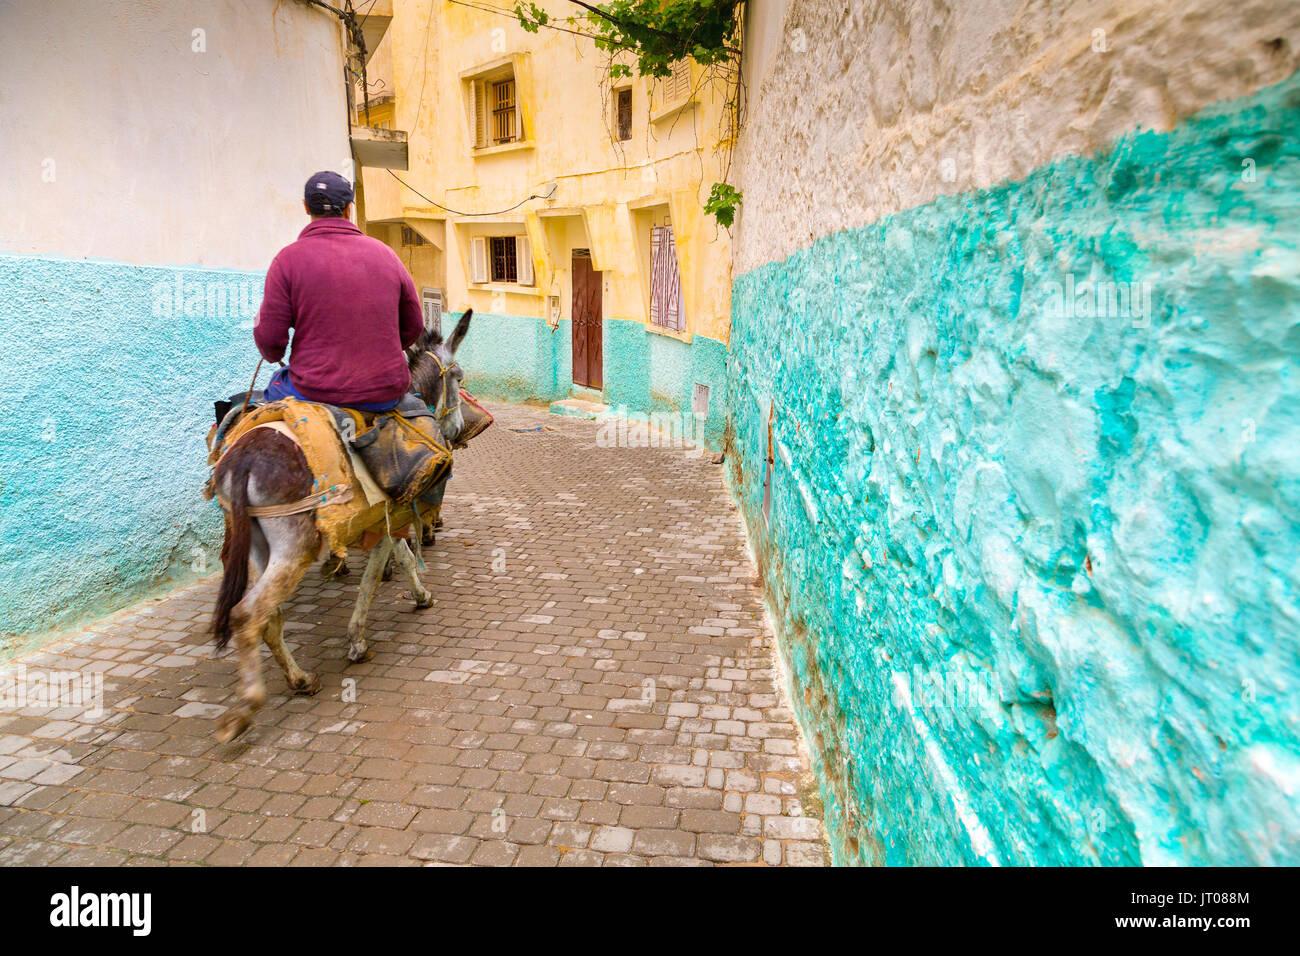 Hombre montado en un asno, La vida en la calle escena, Moulay Idriss. Marruecos, Magreb, África del Norte Foto de stock